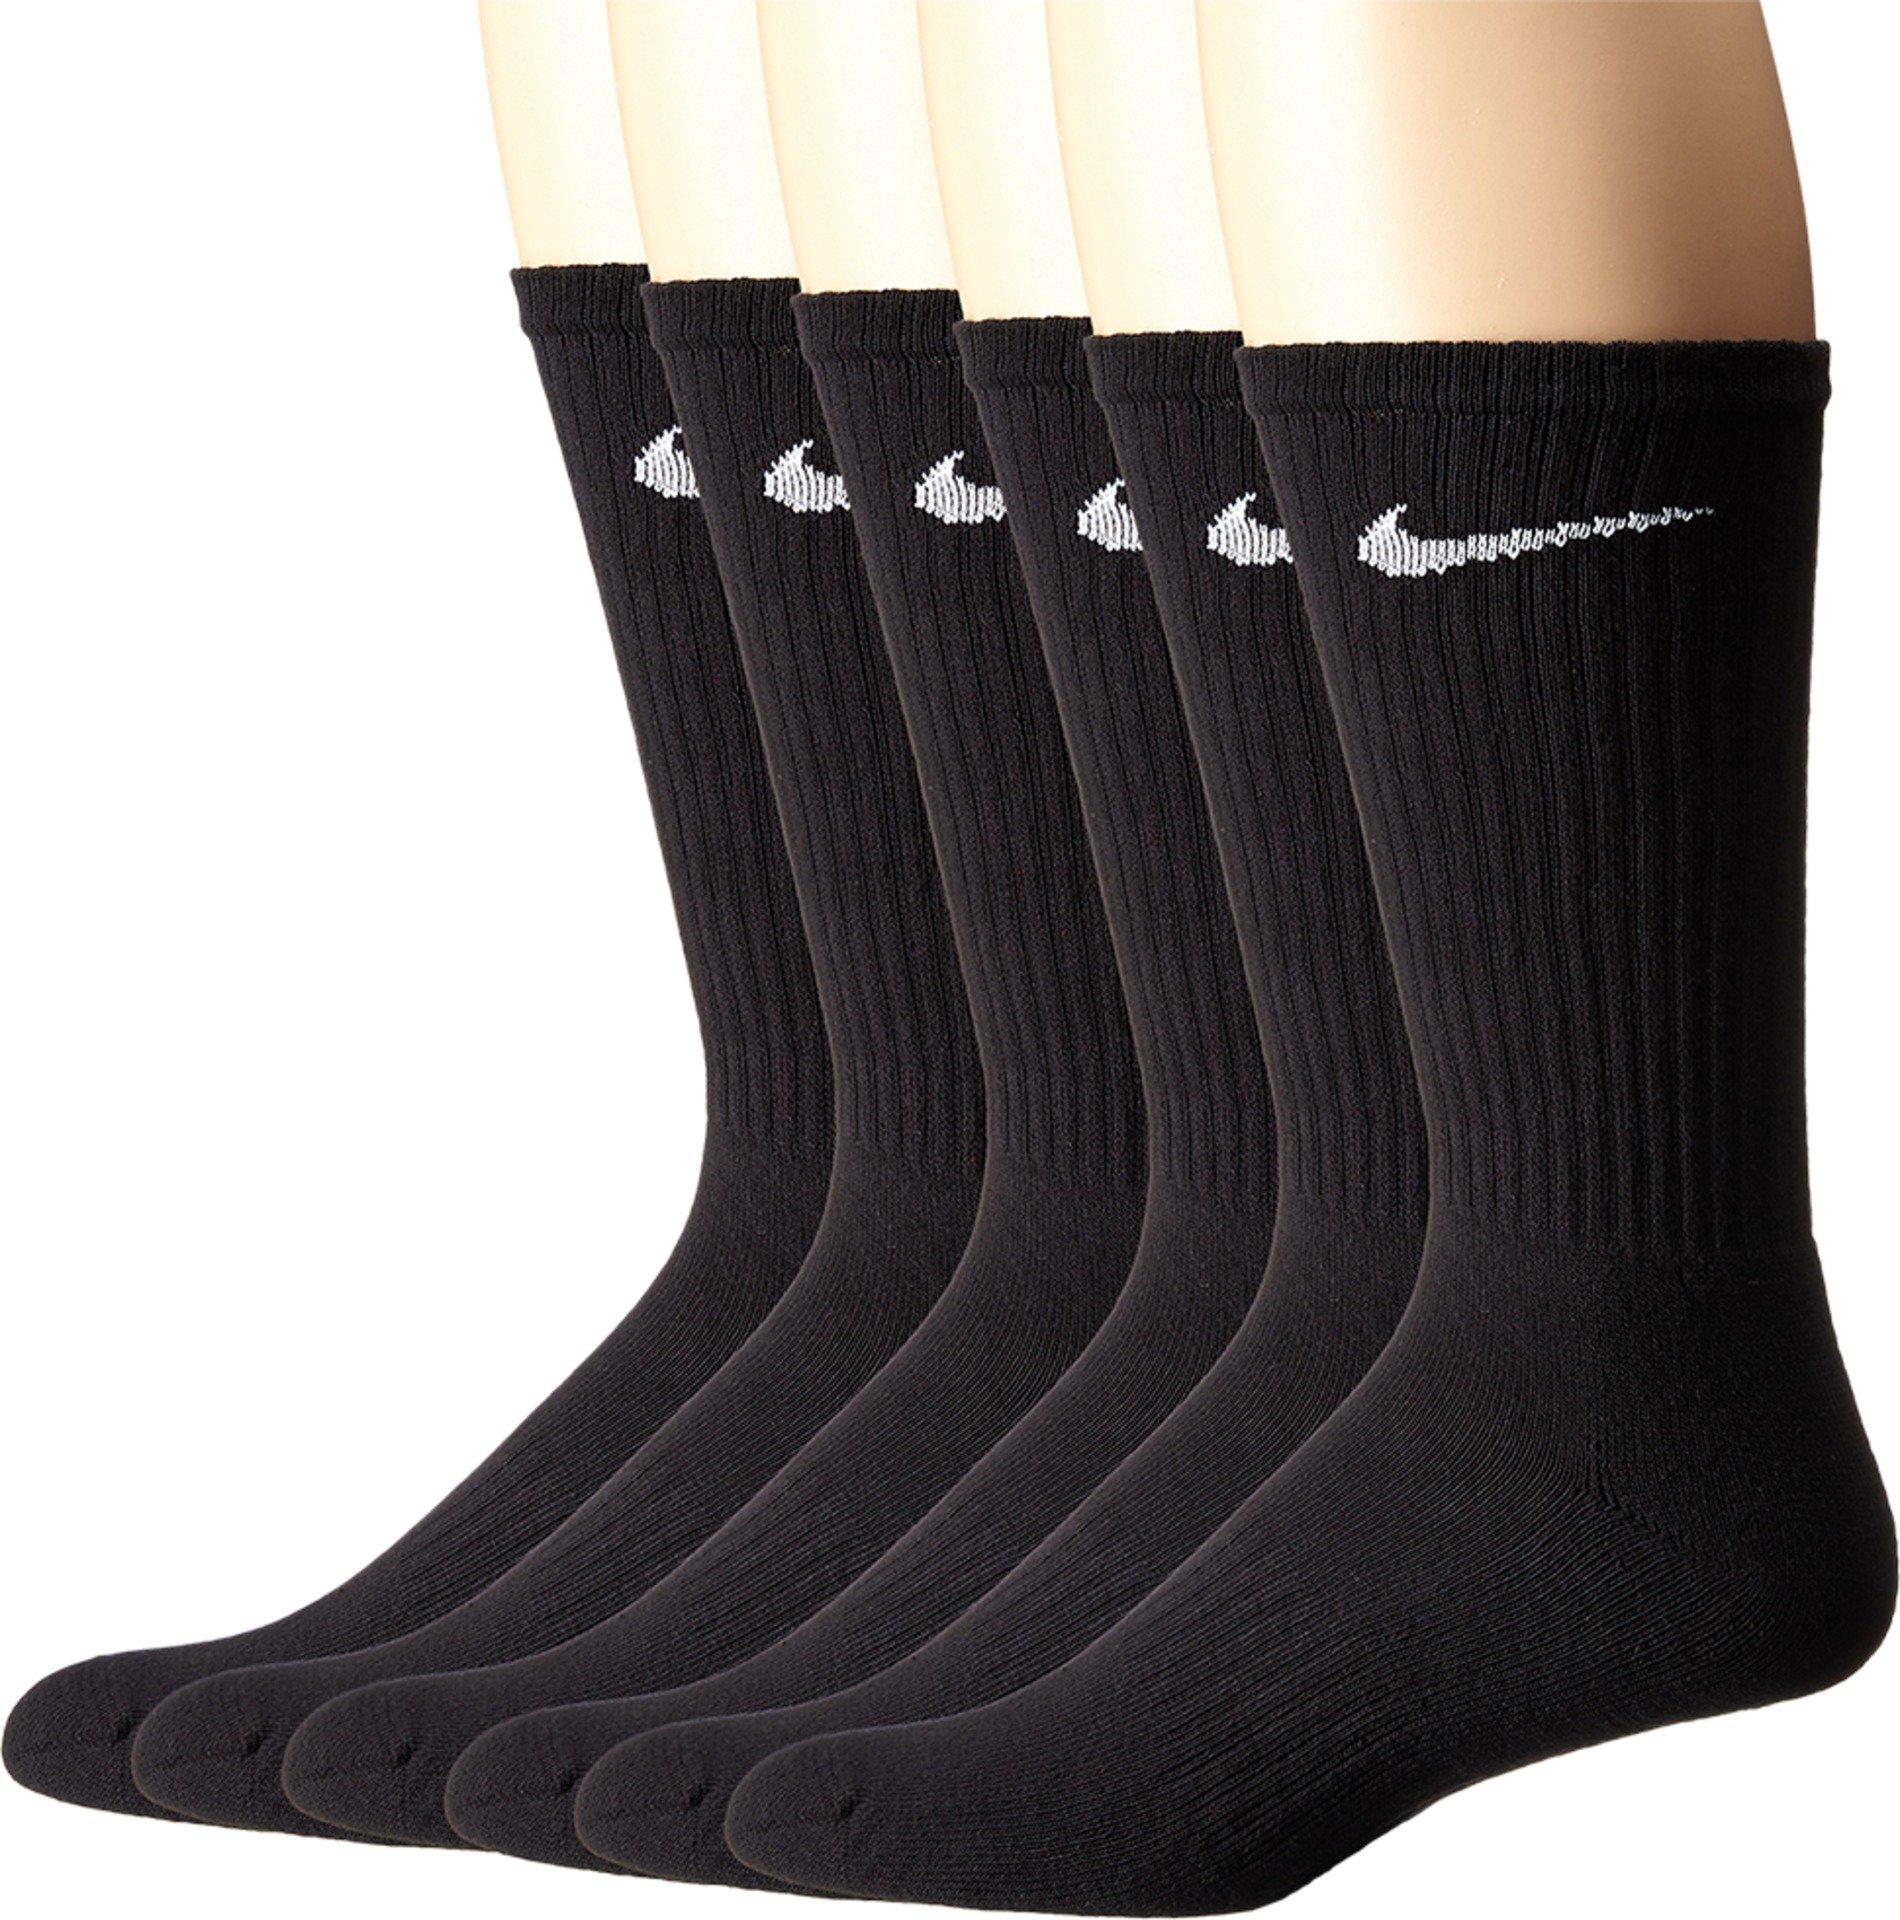 NIKE Unisex Performance Cushion Crew Socks with Band (6 Pairs), Black/White, Large by NIKE